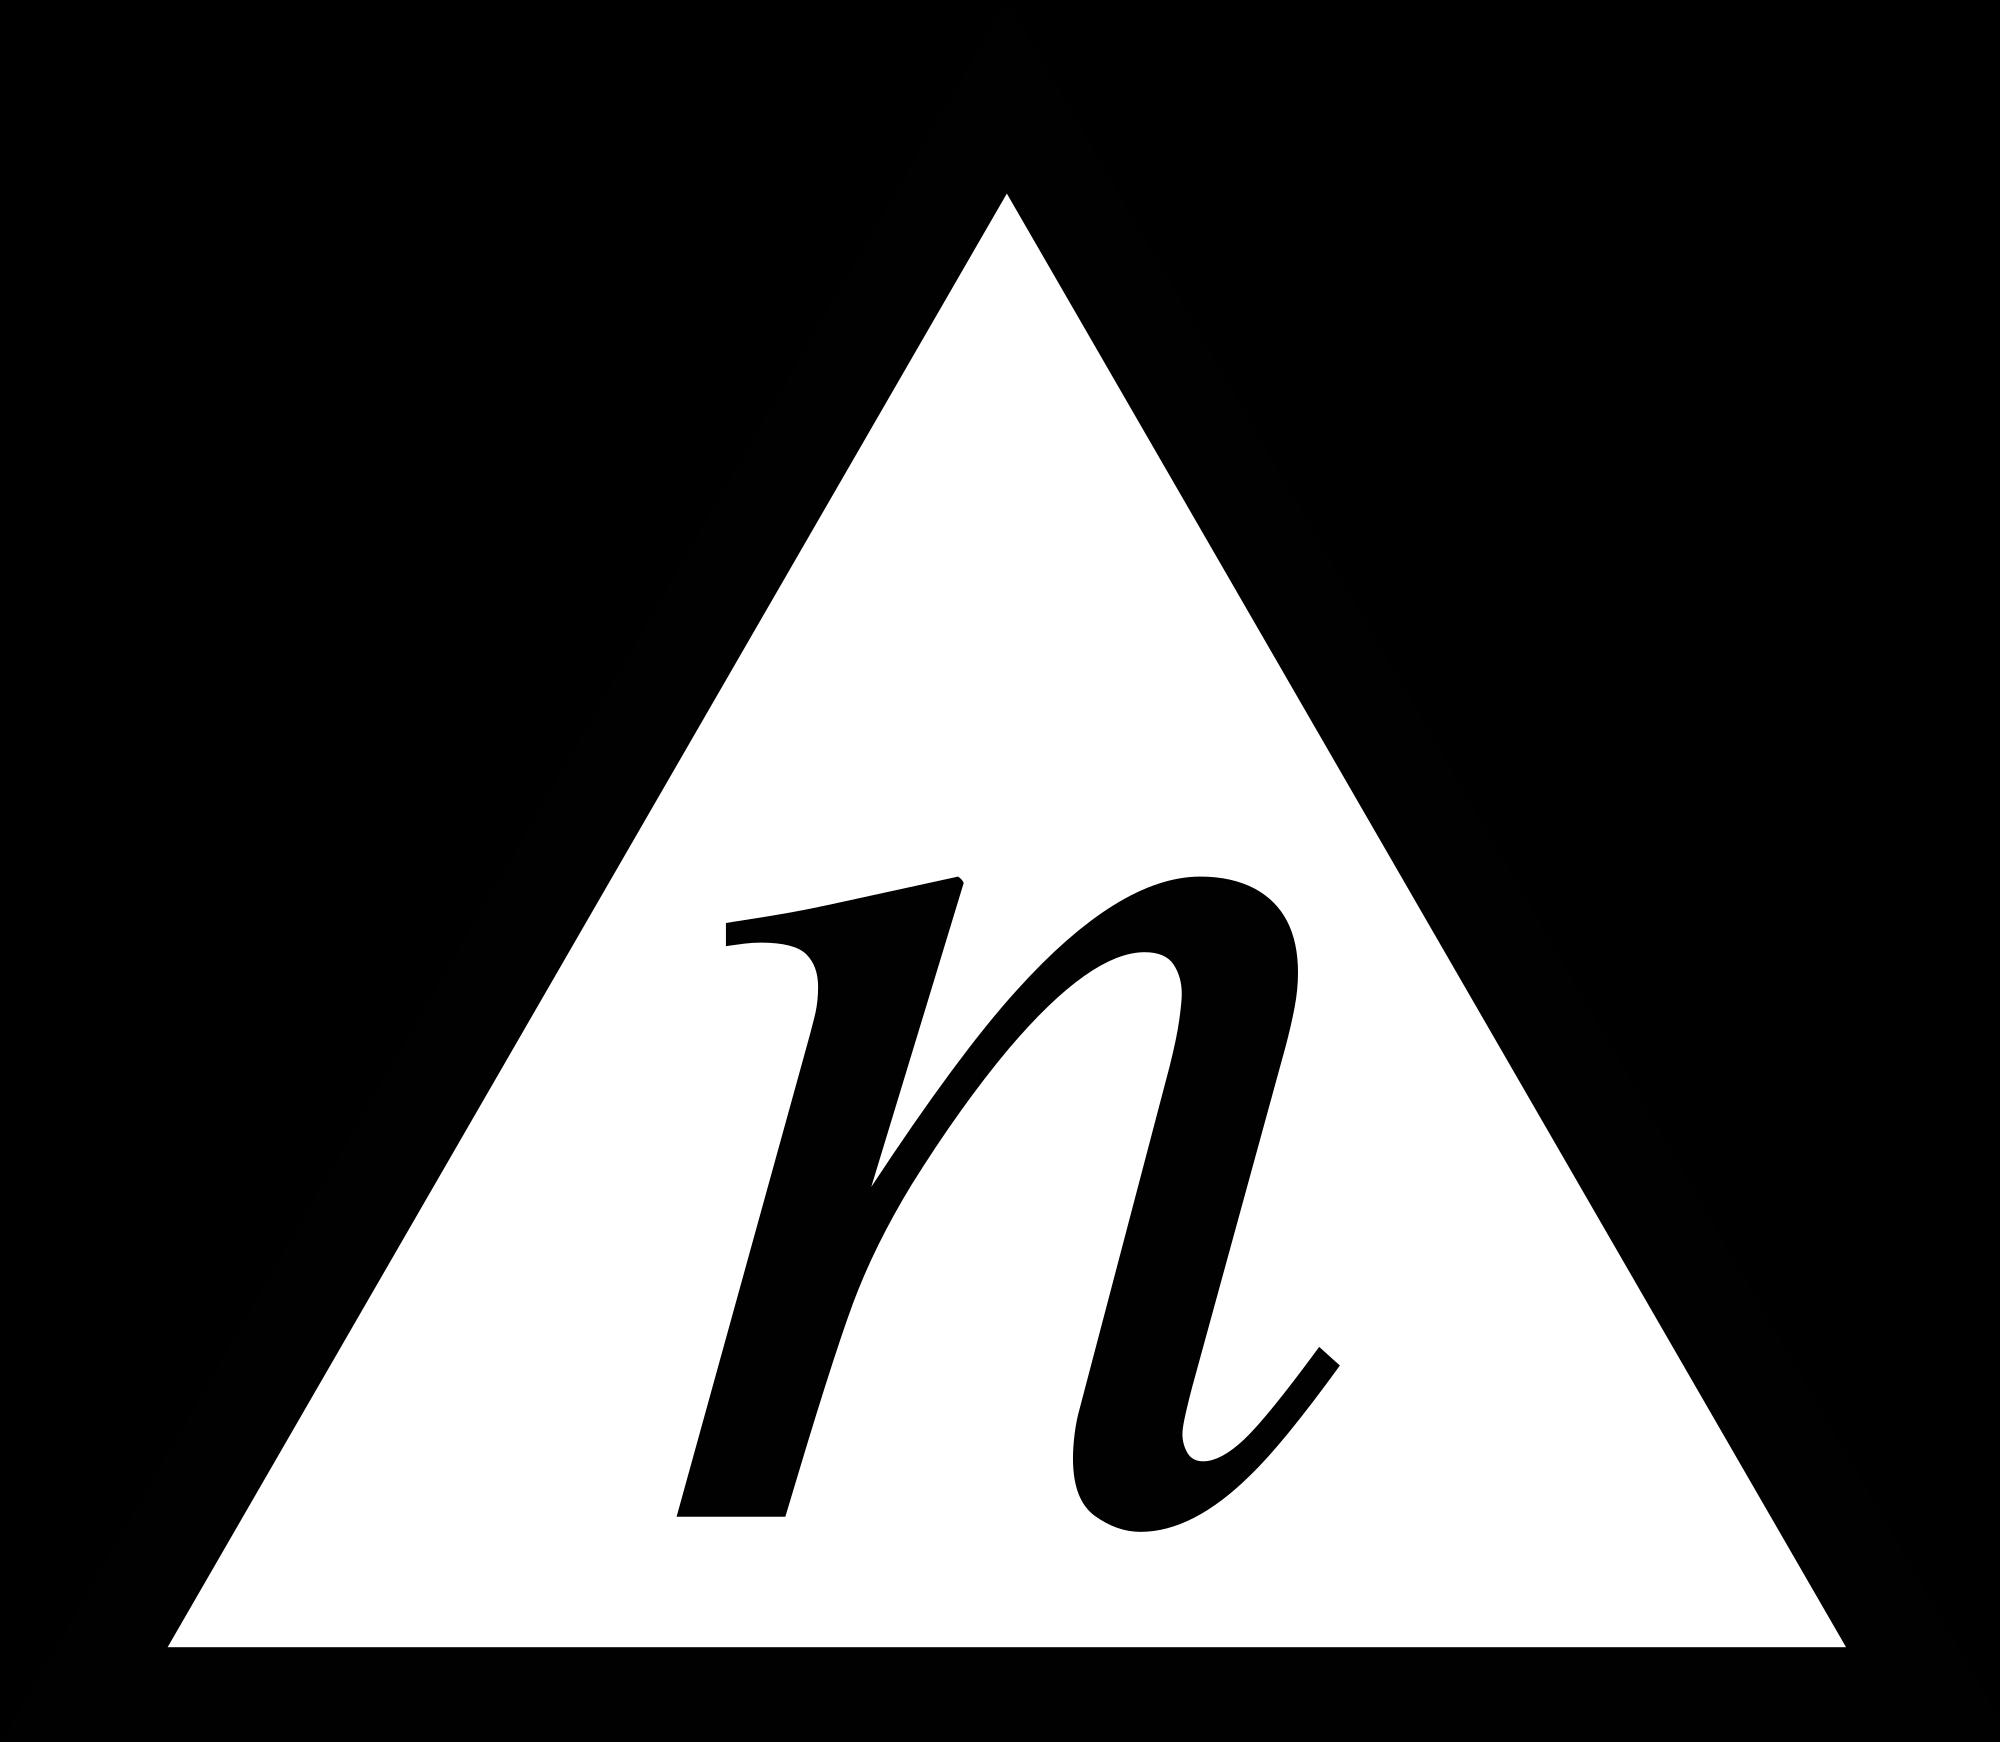 Triangular number